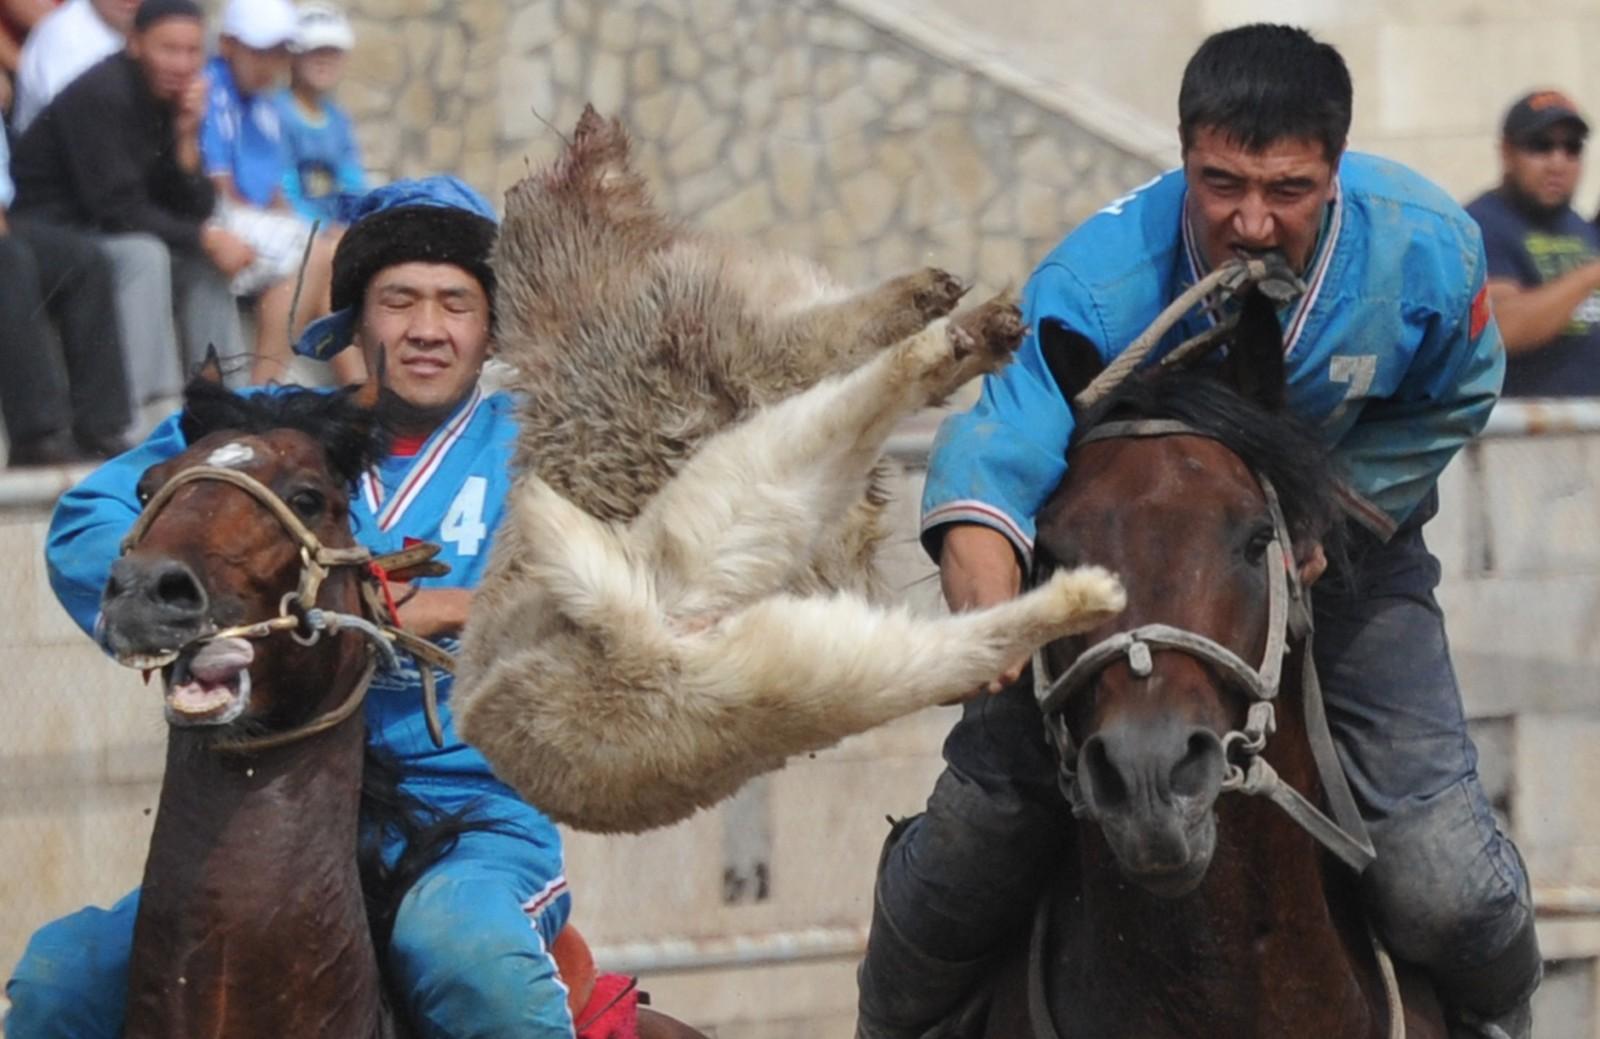 Et saueskinn skal kastes i en brønn i denne sporten ofte kalt Buzkashi. Rytterne konkurrerer i sporten som en del av Kirgisistans uavhengighetsfeiring.